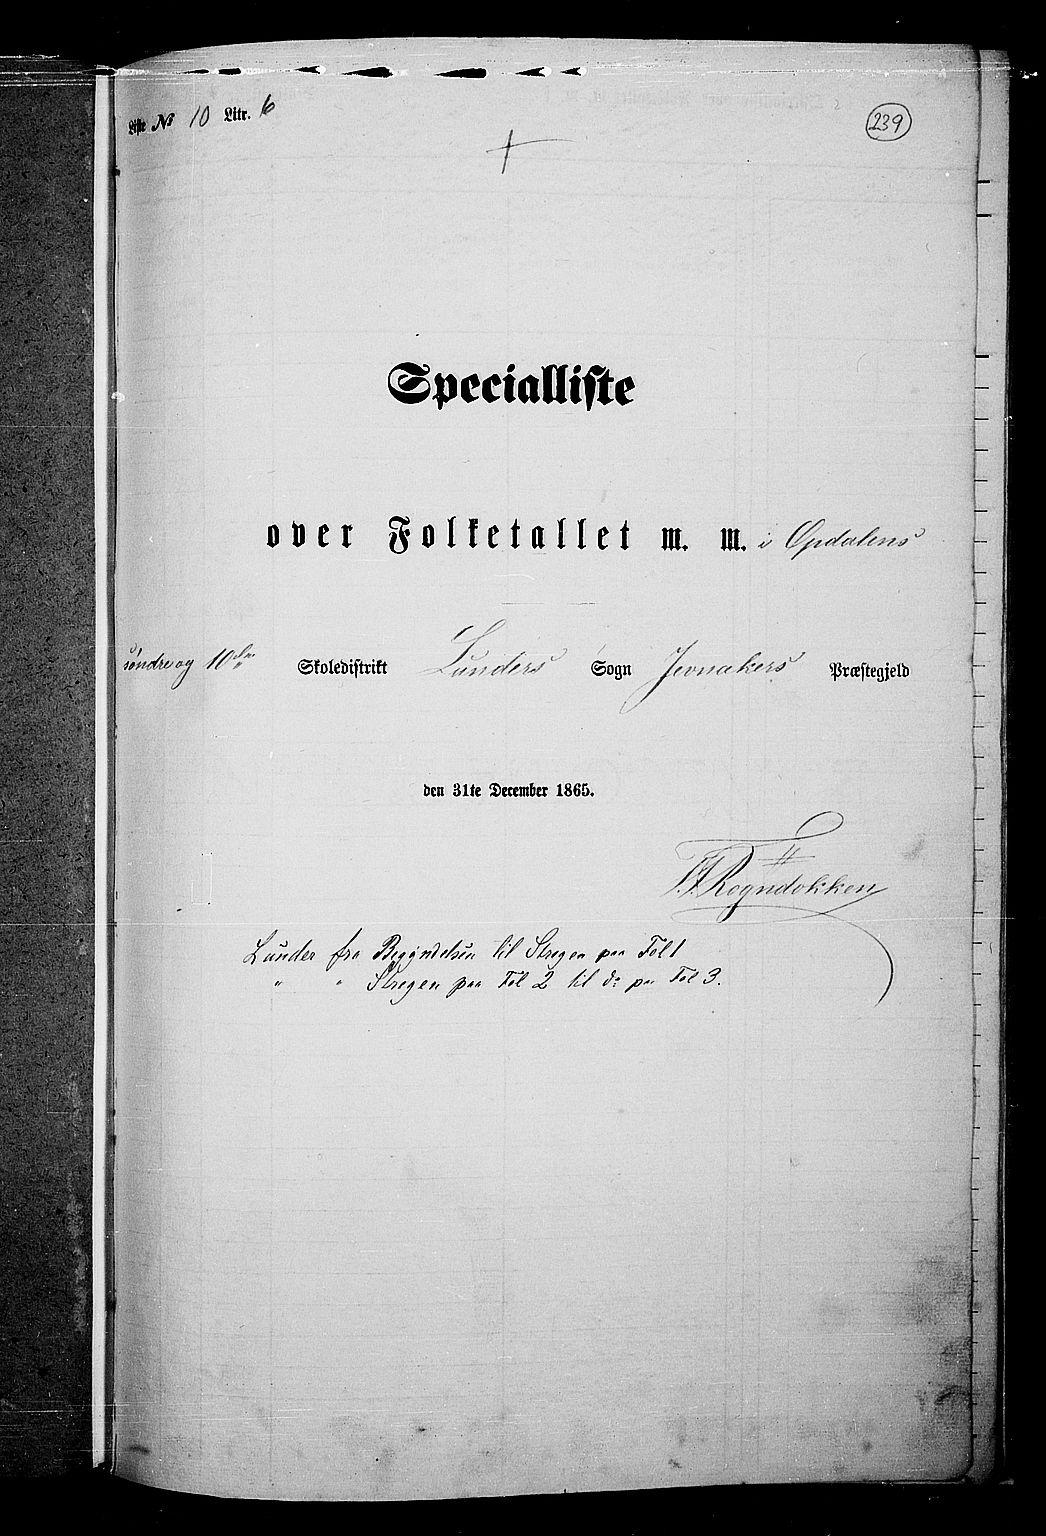 RA, Folketelling 1865 for 0532P Jevnaker prestegjeld, 1865, s. 223